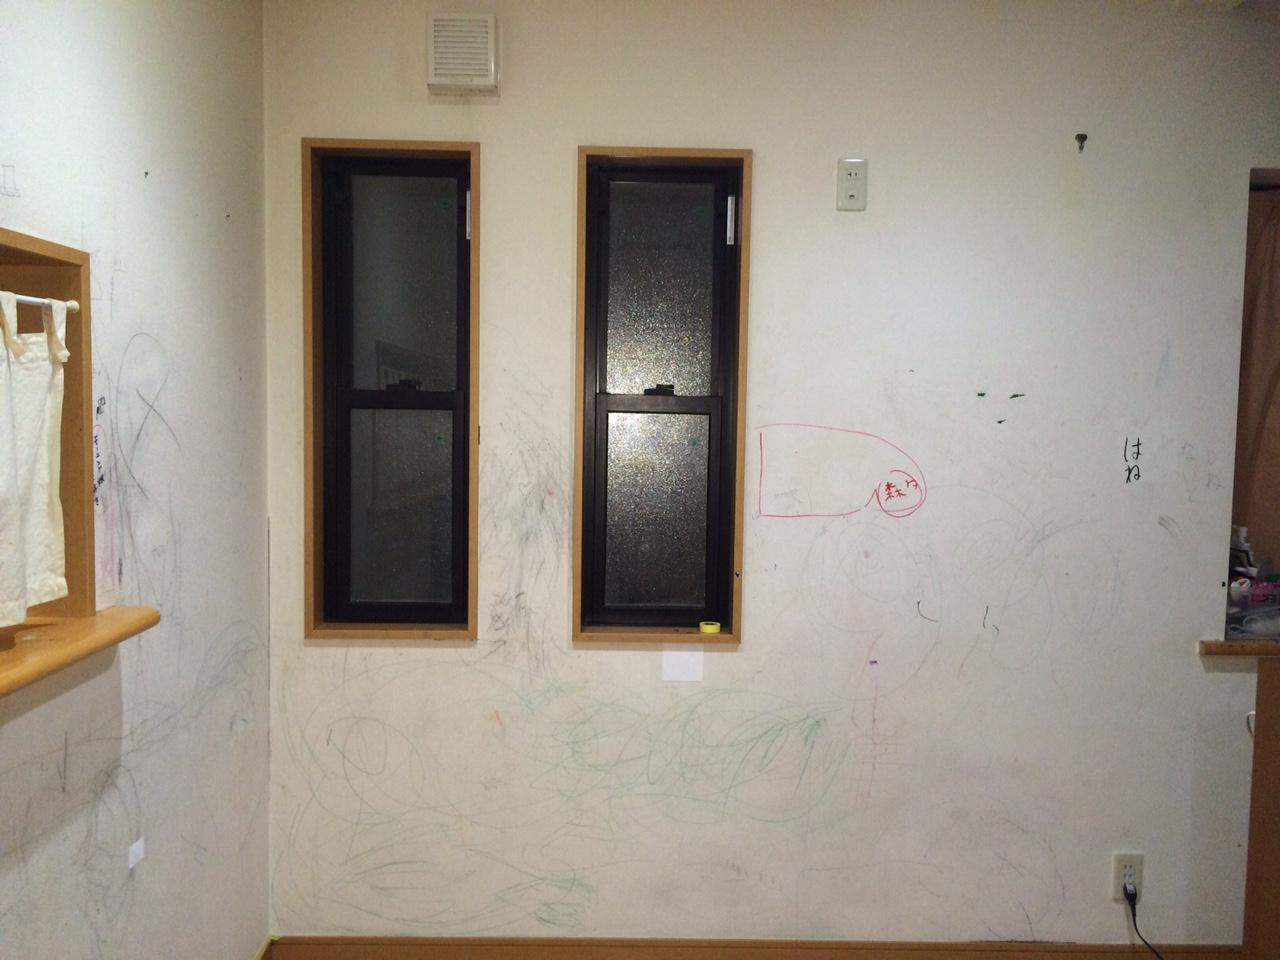 壁の汚れはペイントdiyで元通り 子供が落書きした壁をセルフリフォーム